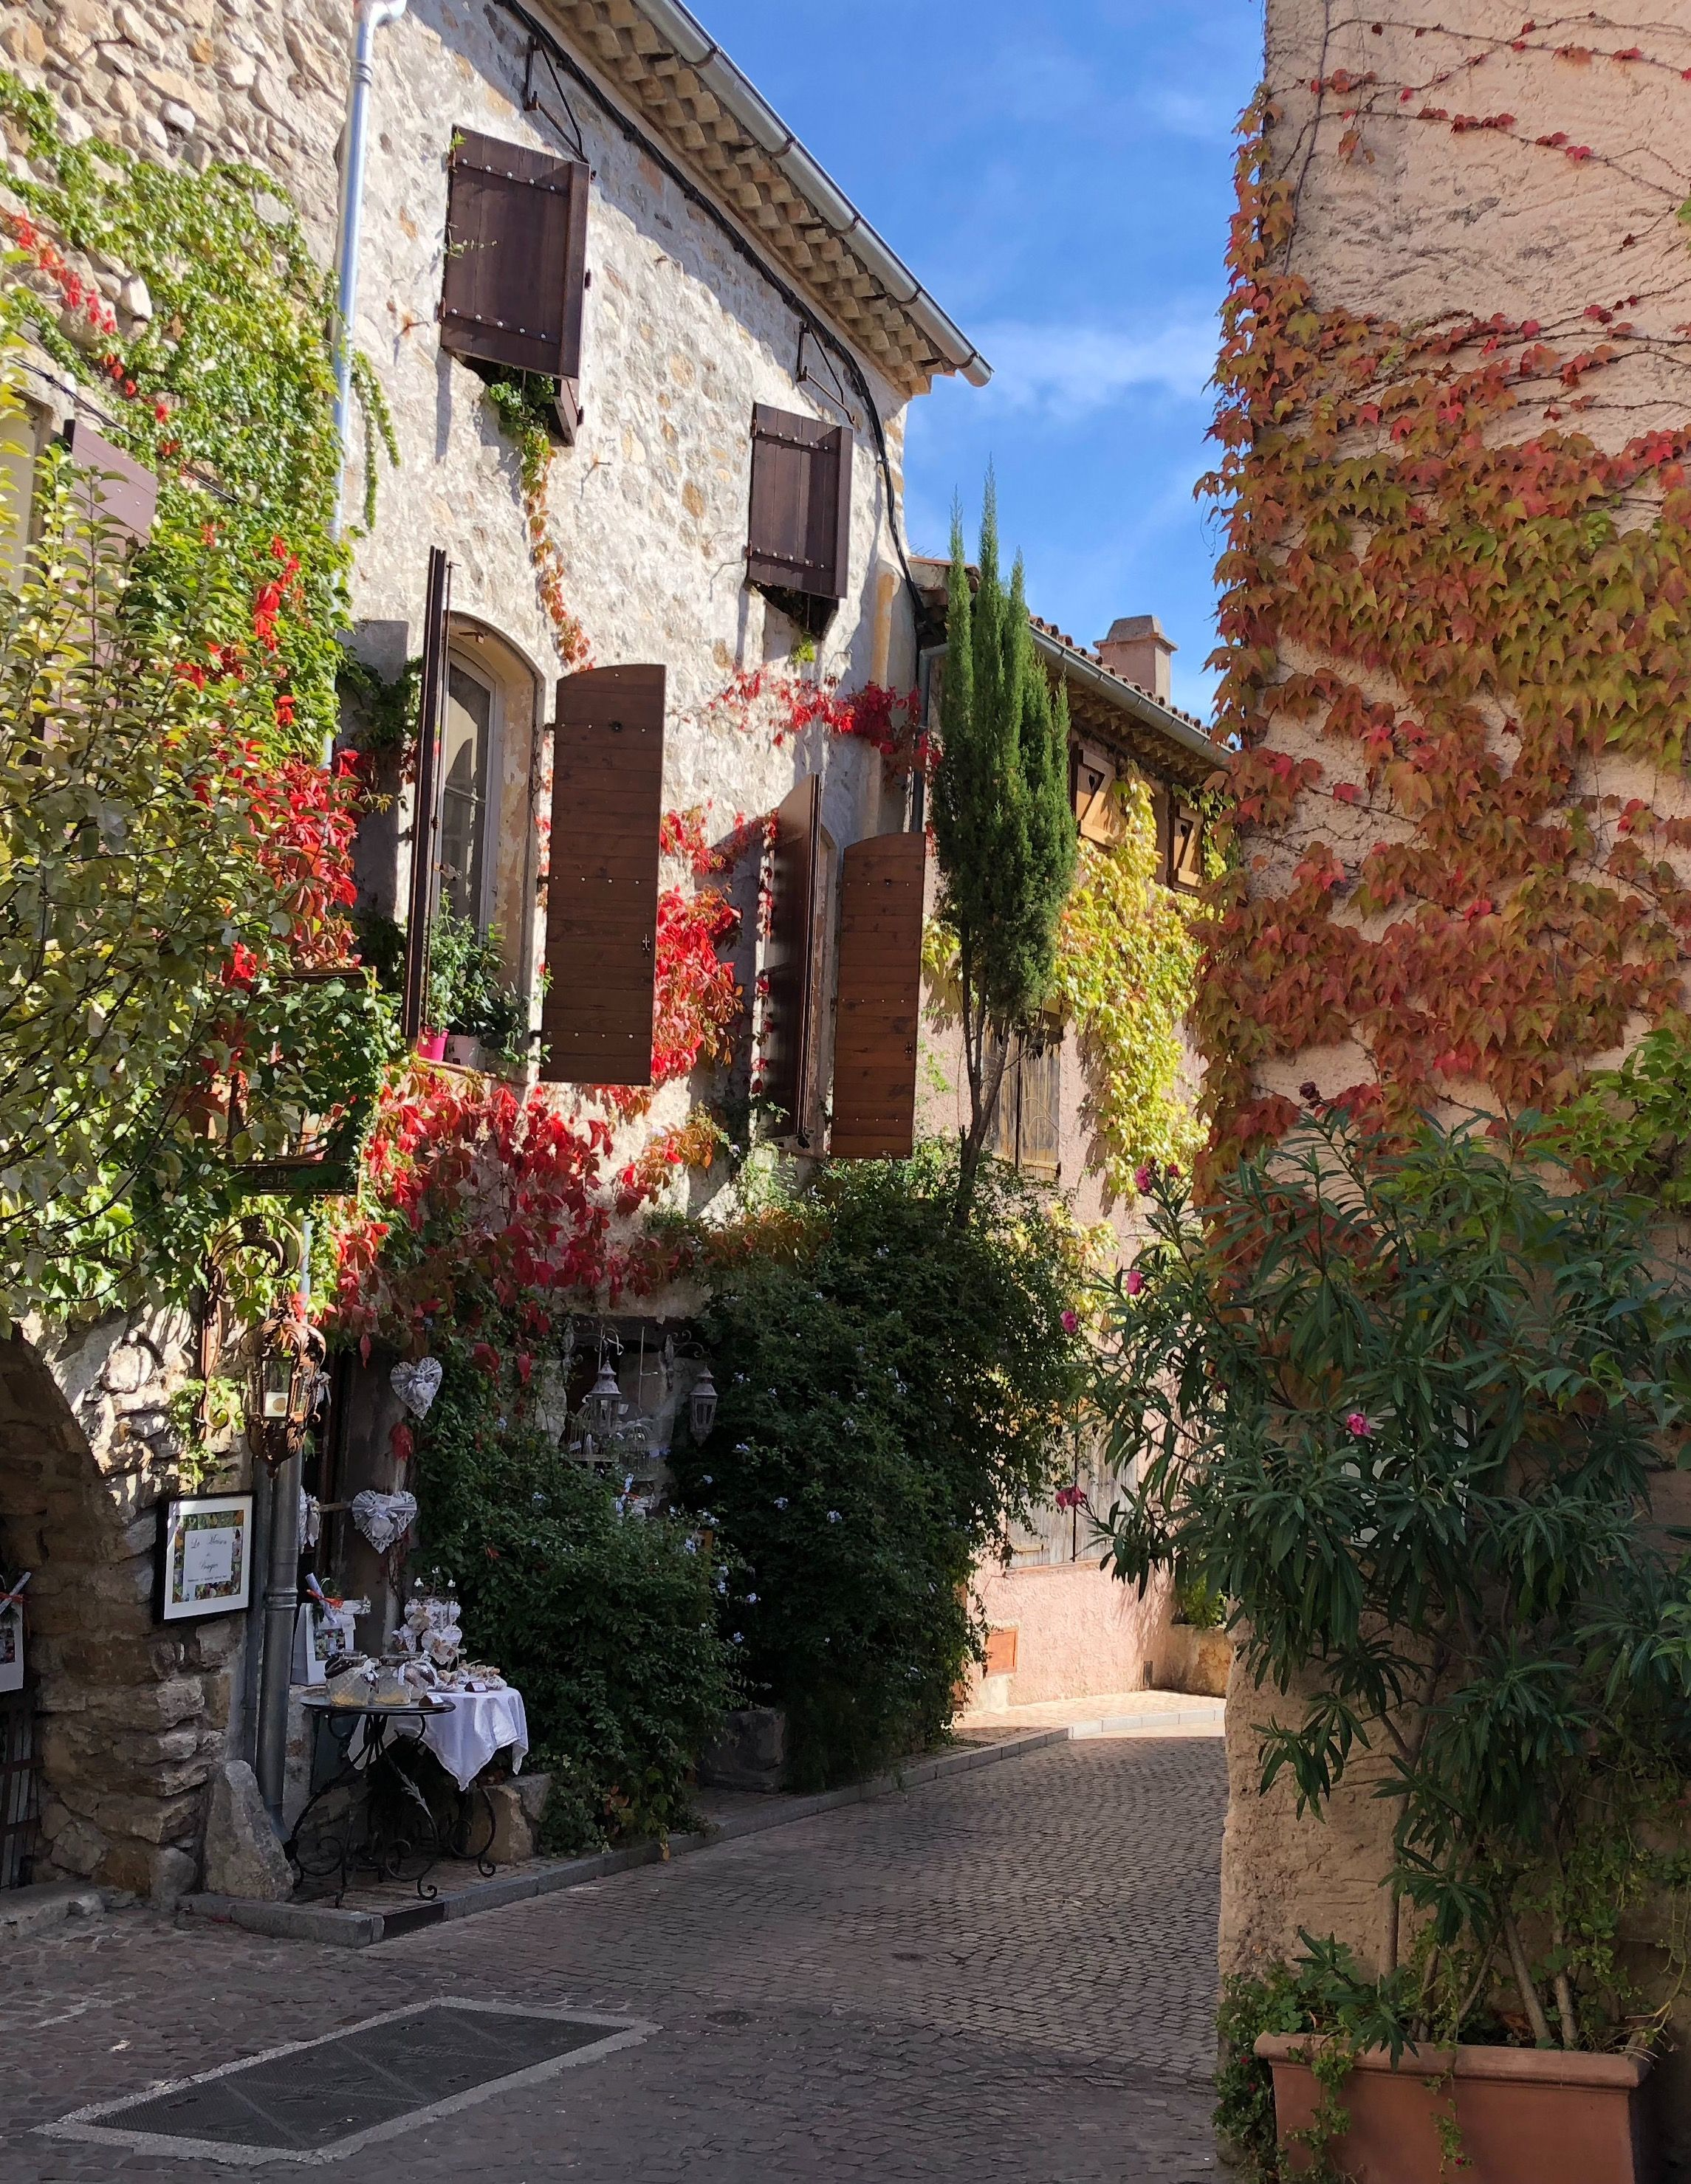 Le village du Castellet est situé dans le Var. C'est un